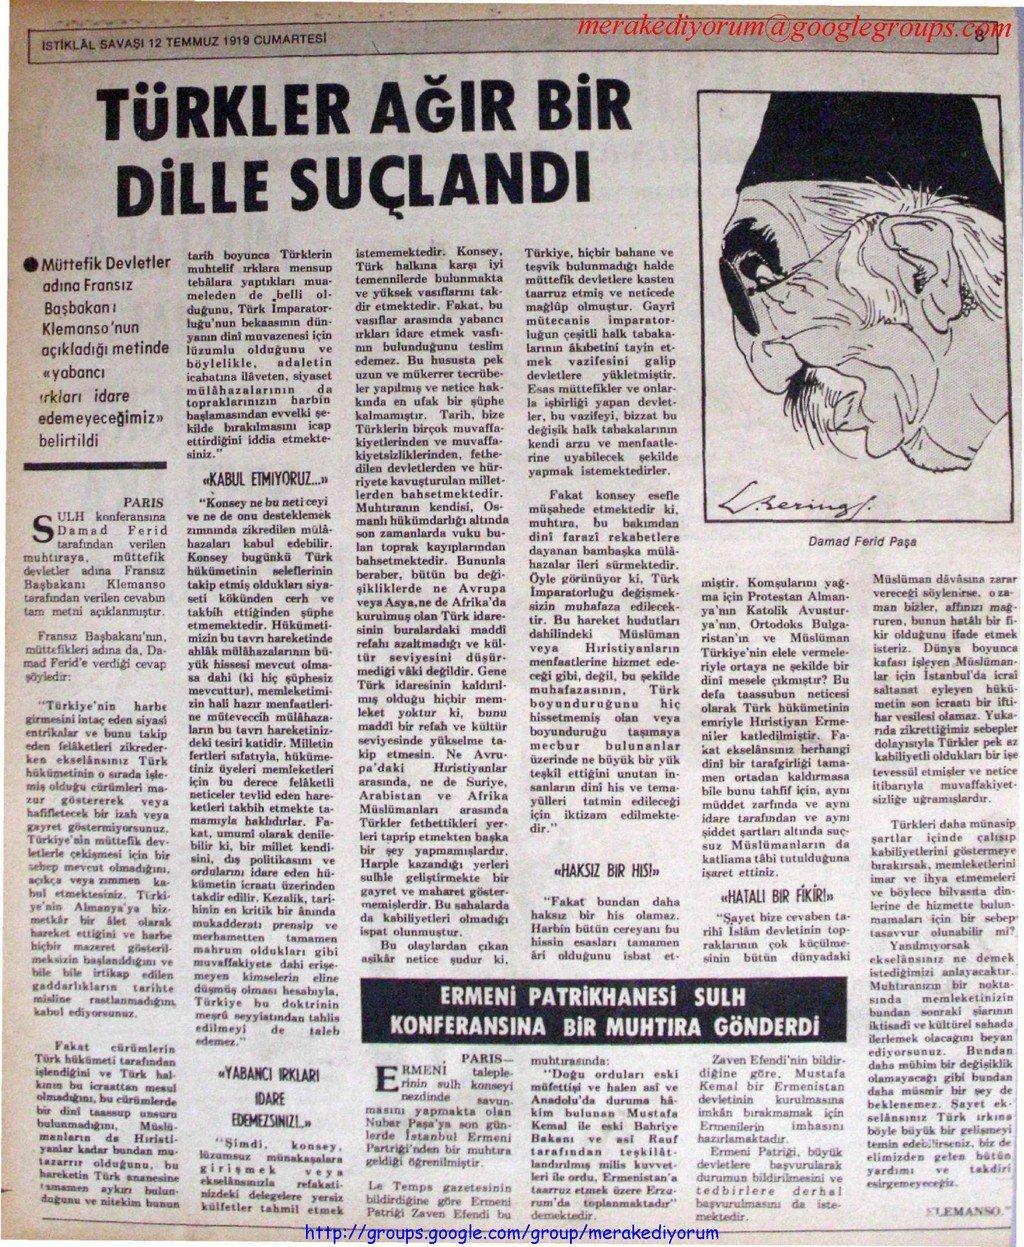 istiklal savaşı gazetesi - 12 temmuz 1919